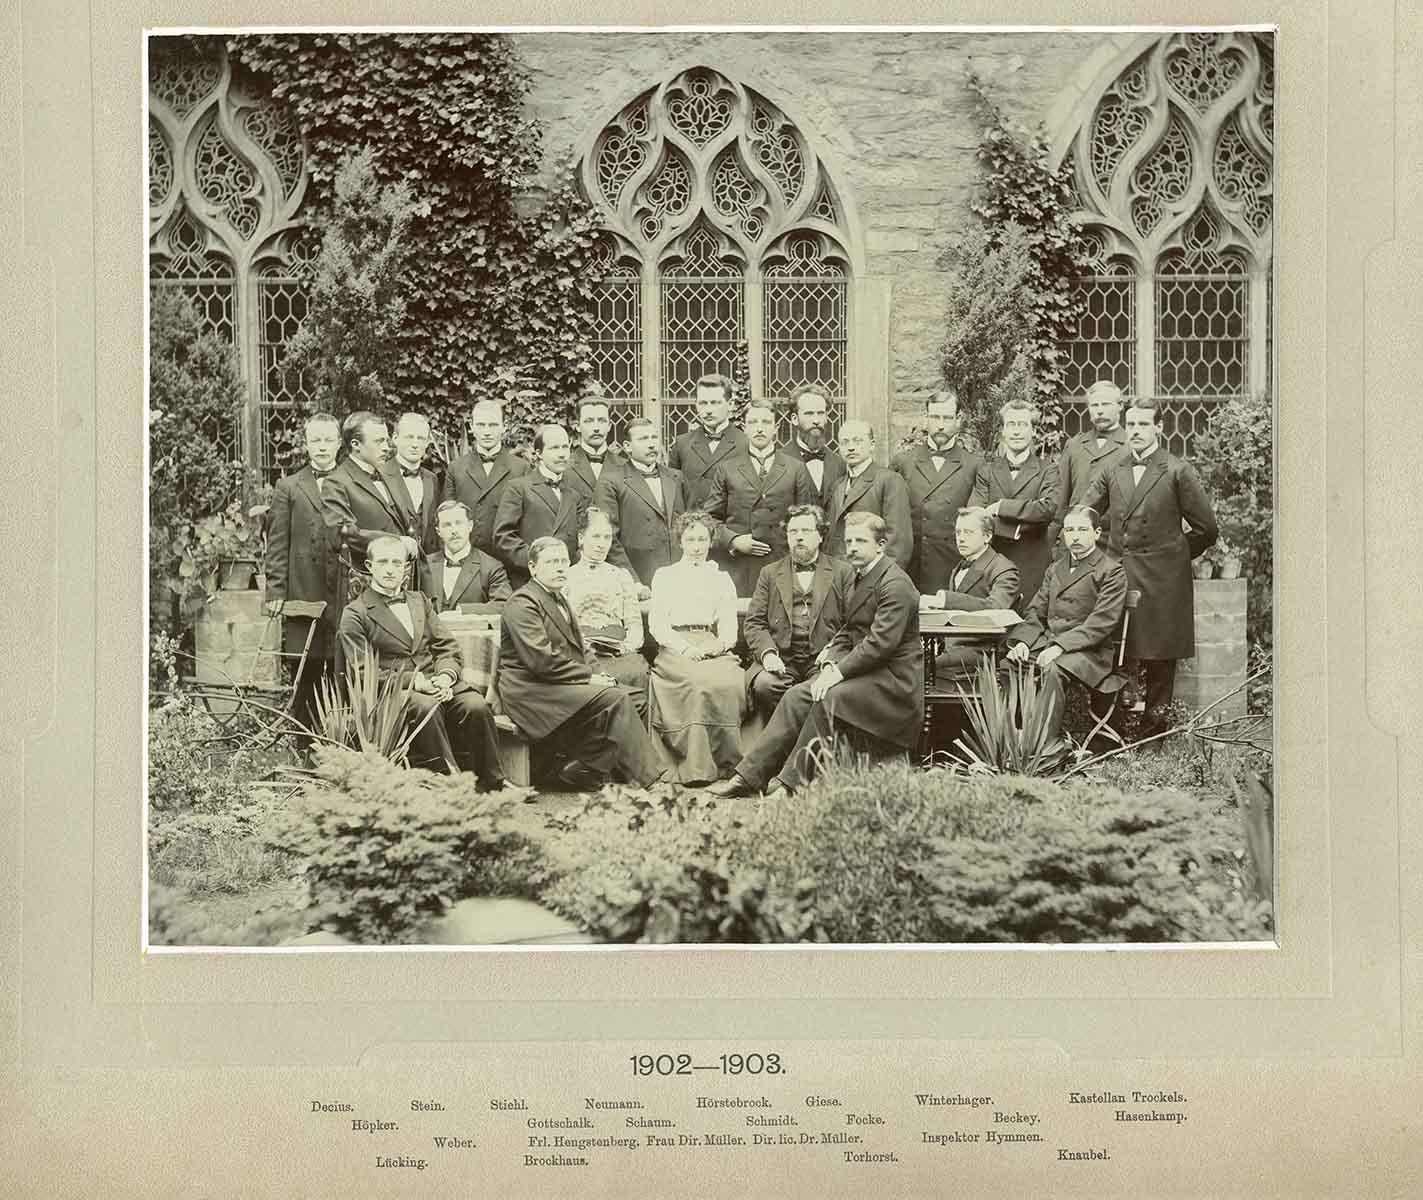 Gruppenaufnahme Predigerseminar Soest mit Beschriftung 1902-1903; aus Bestand: AEKR Düsseldorf 8SL 046 (Bildarchiv), 030_0002